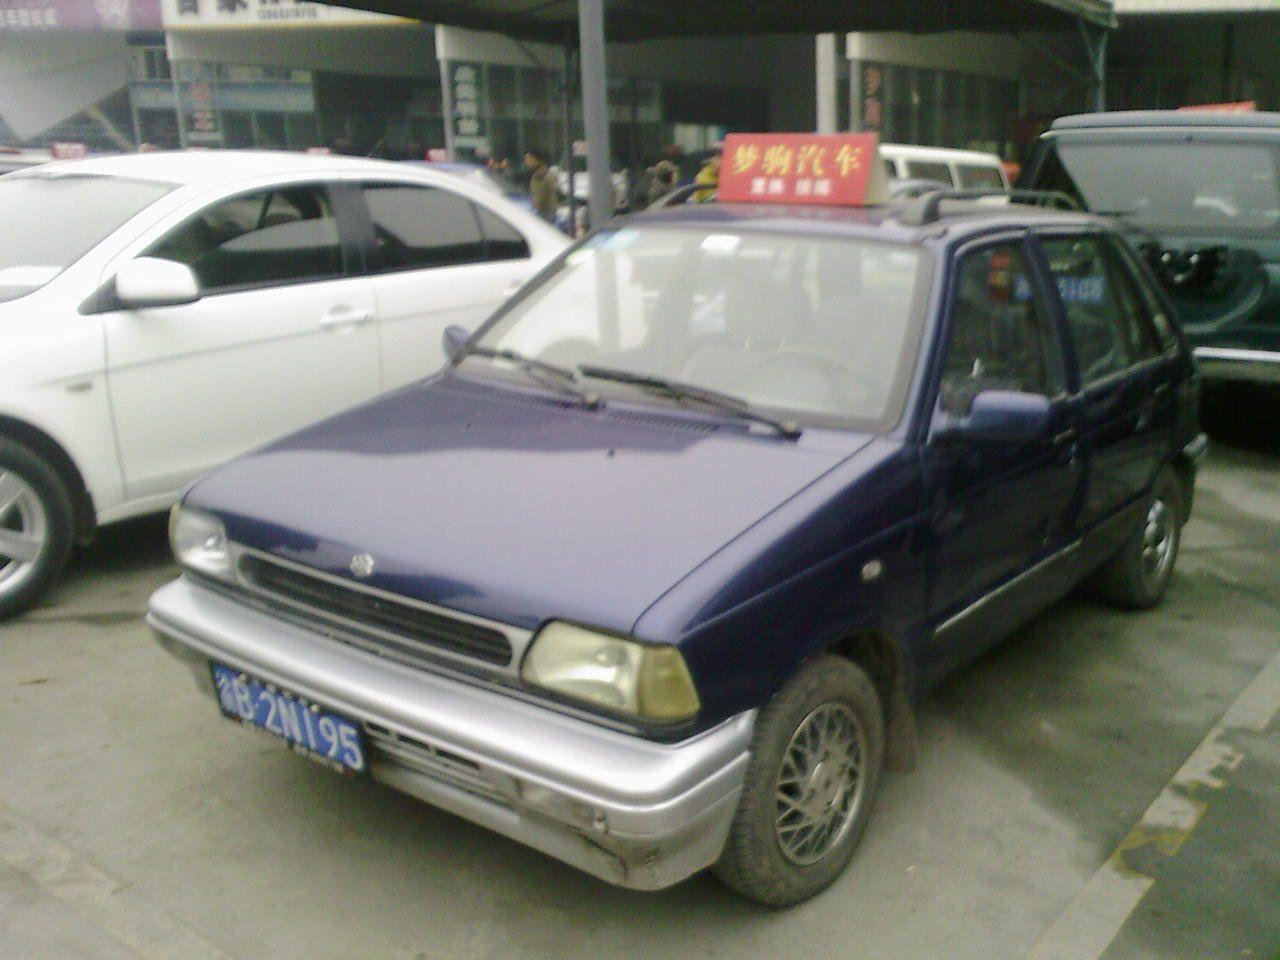 重庆二手奥拓报价多少钱,1997年 重庆 奥拓二手车价格–高清图片